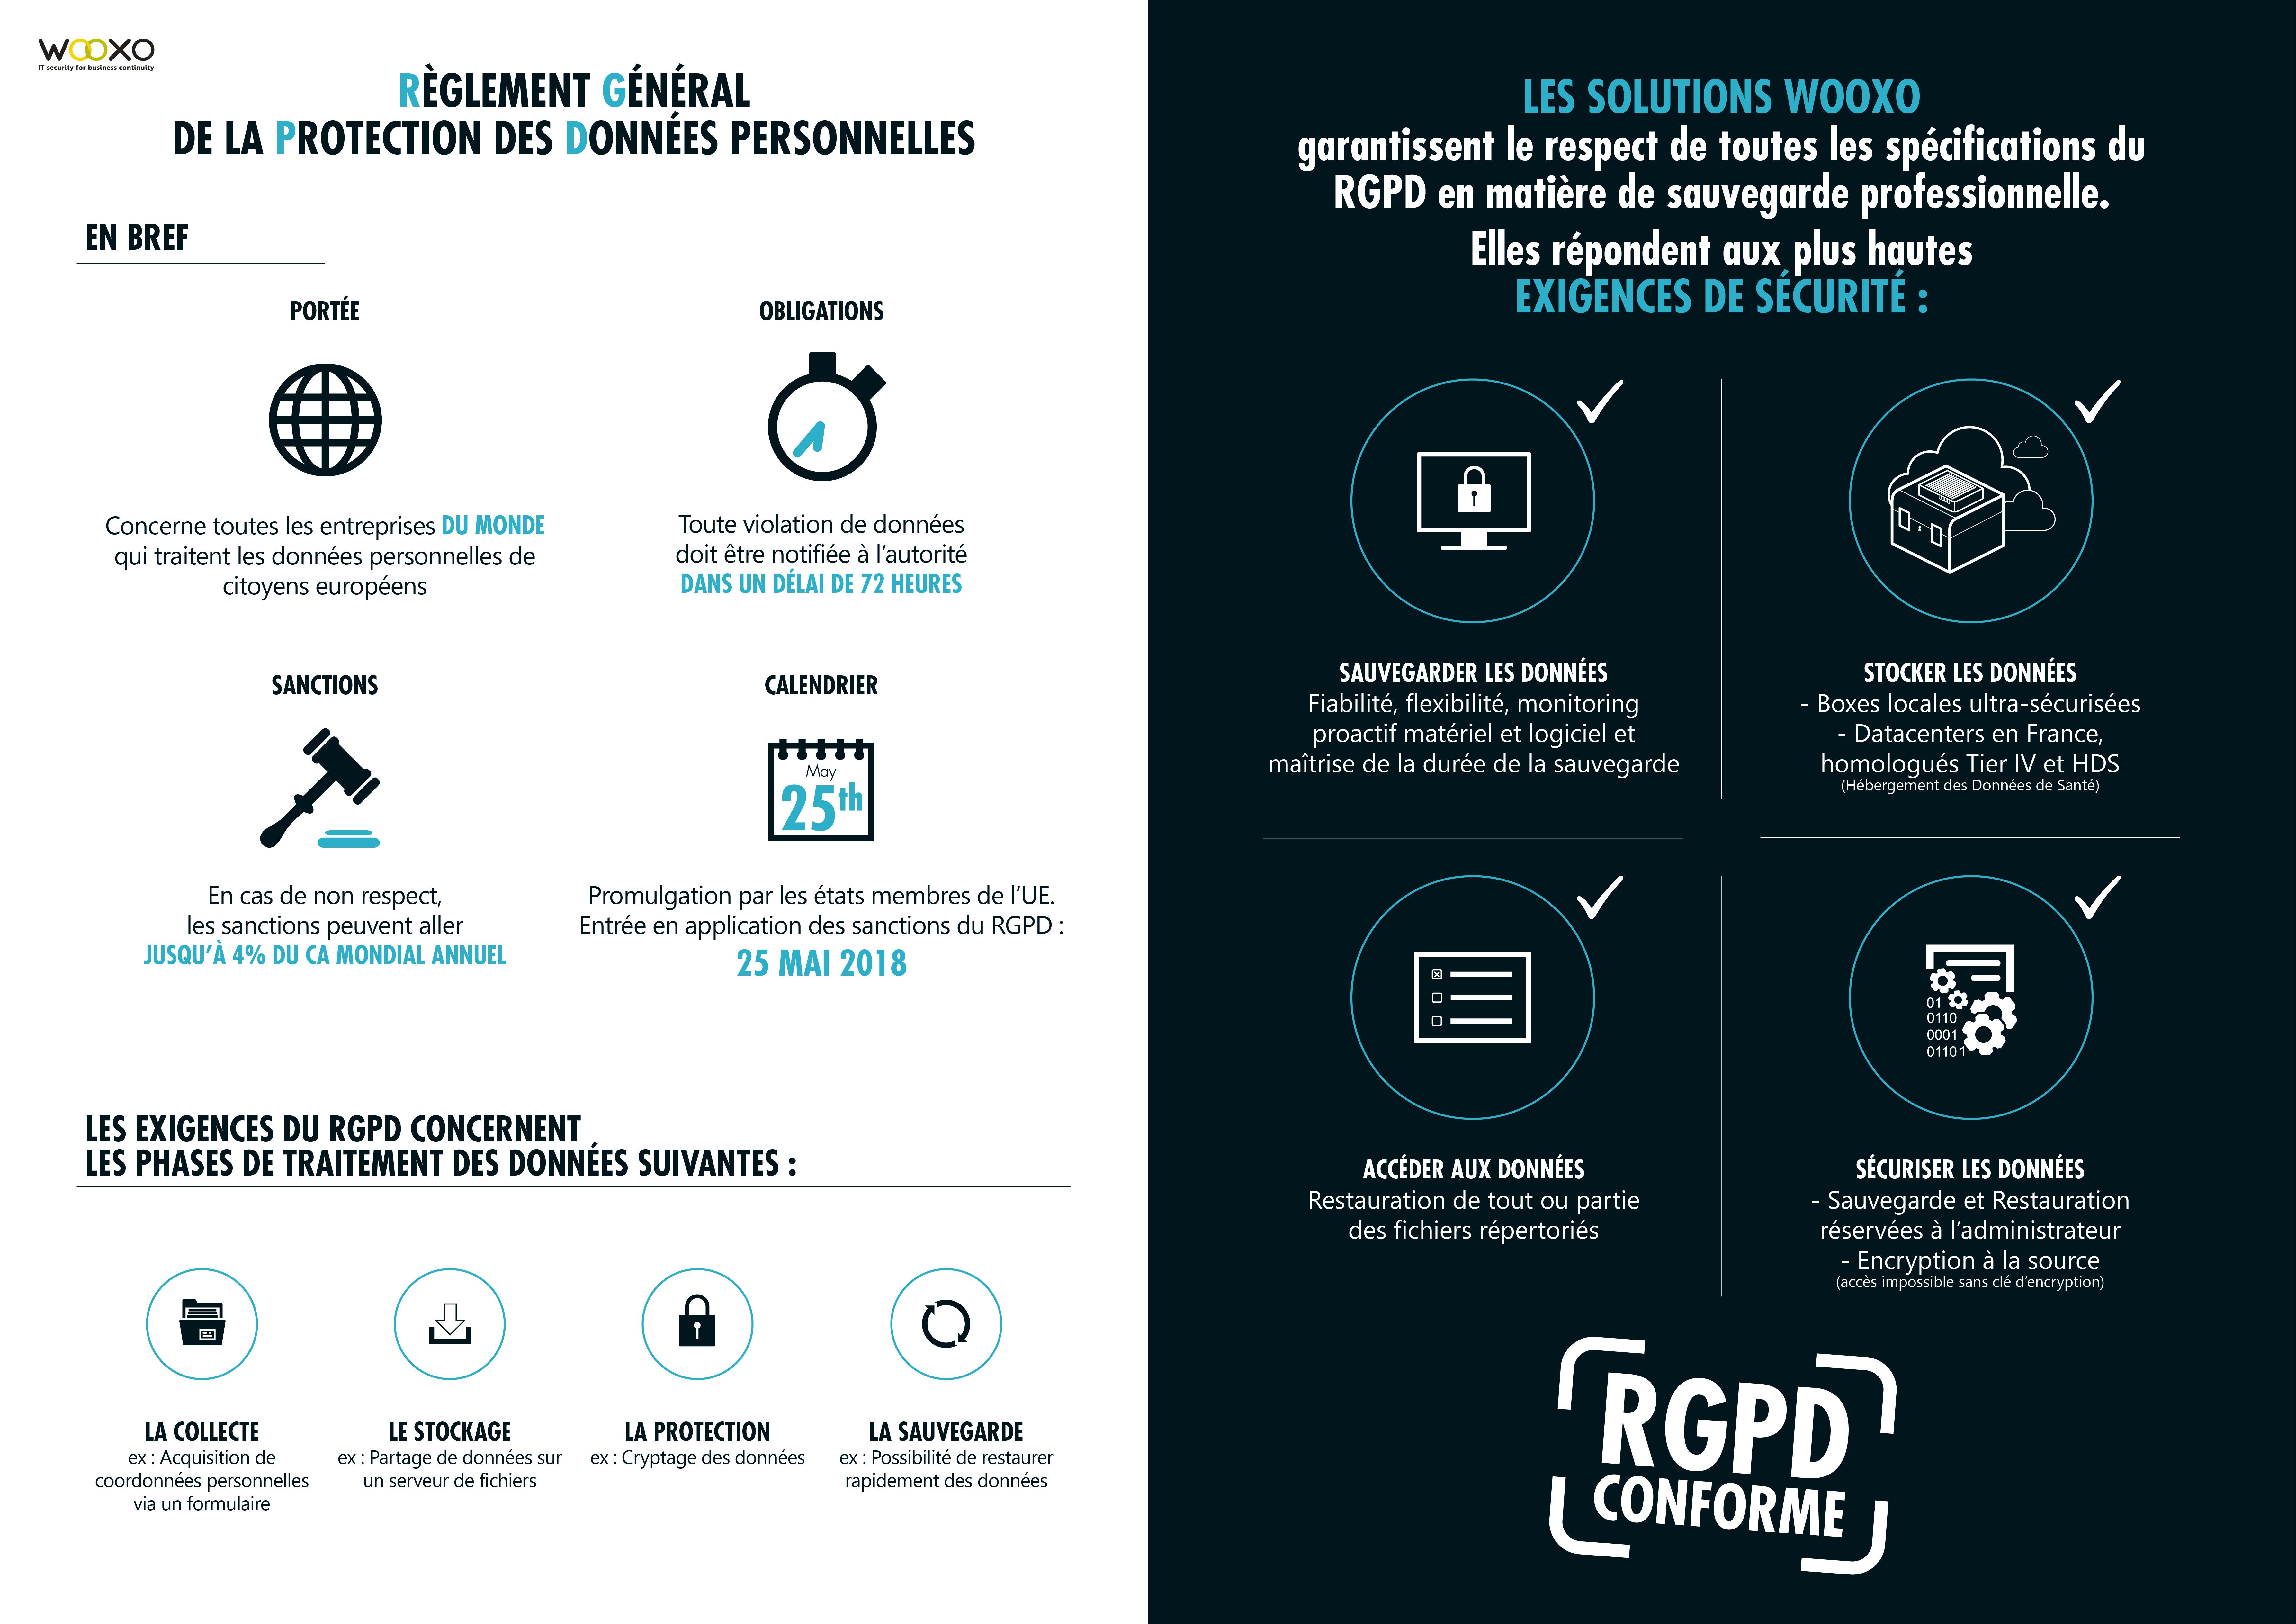 Infographie - Le RGPD et les solutions Wooxo